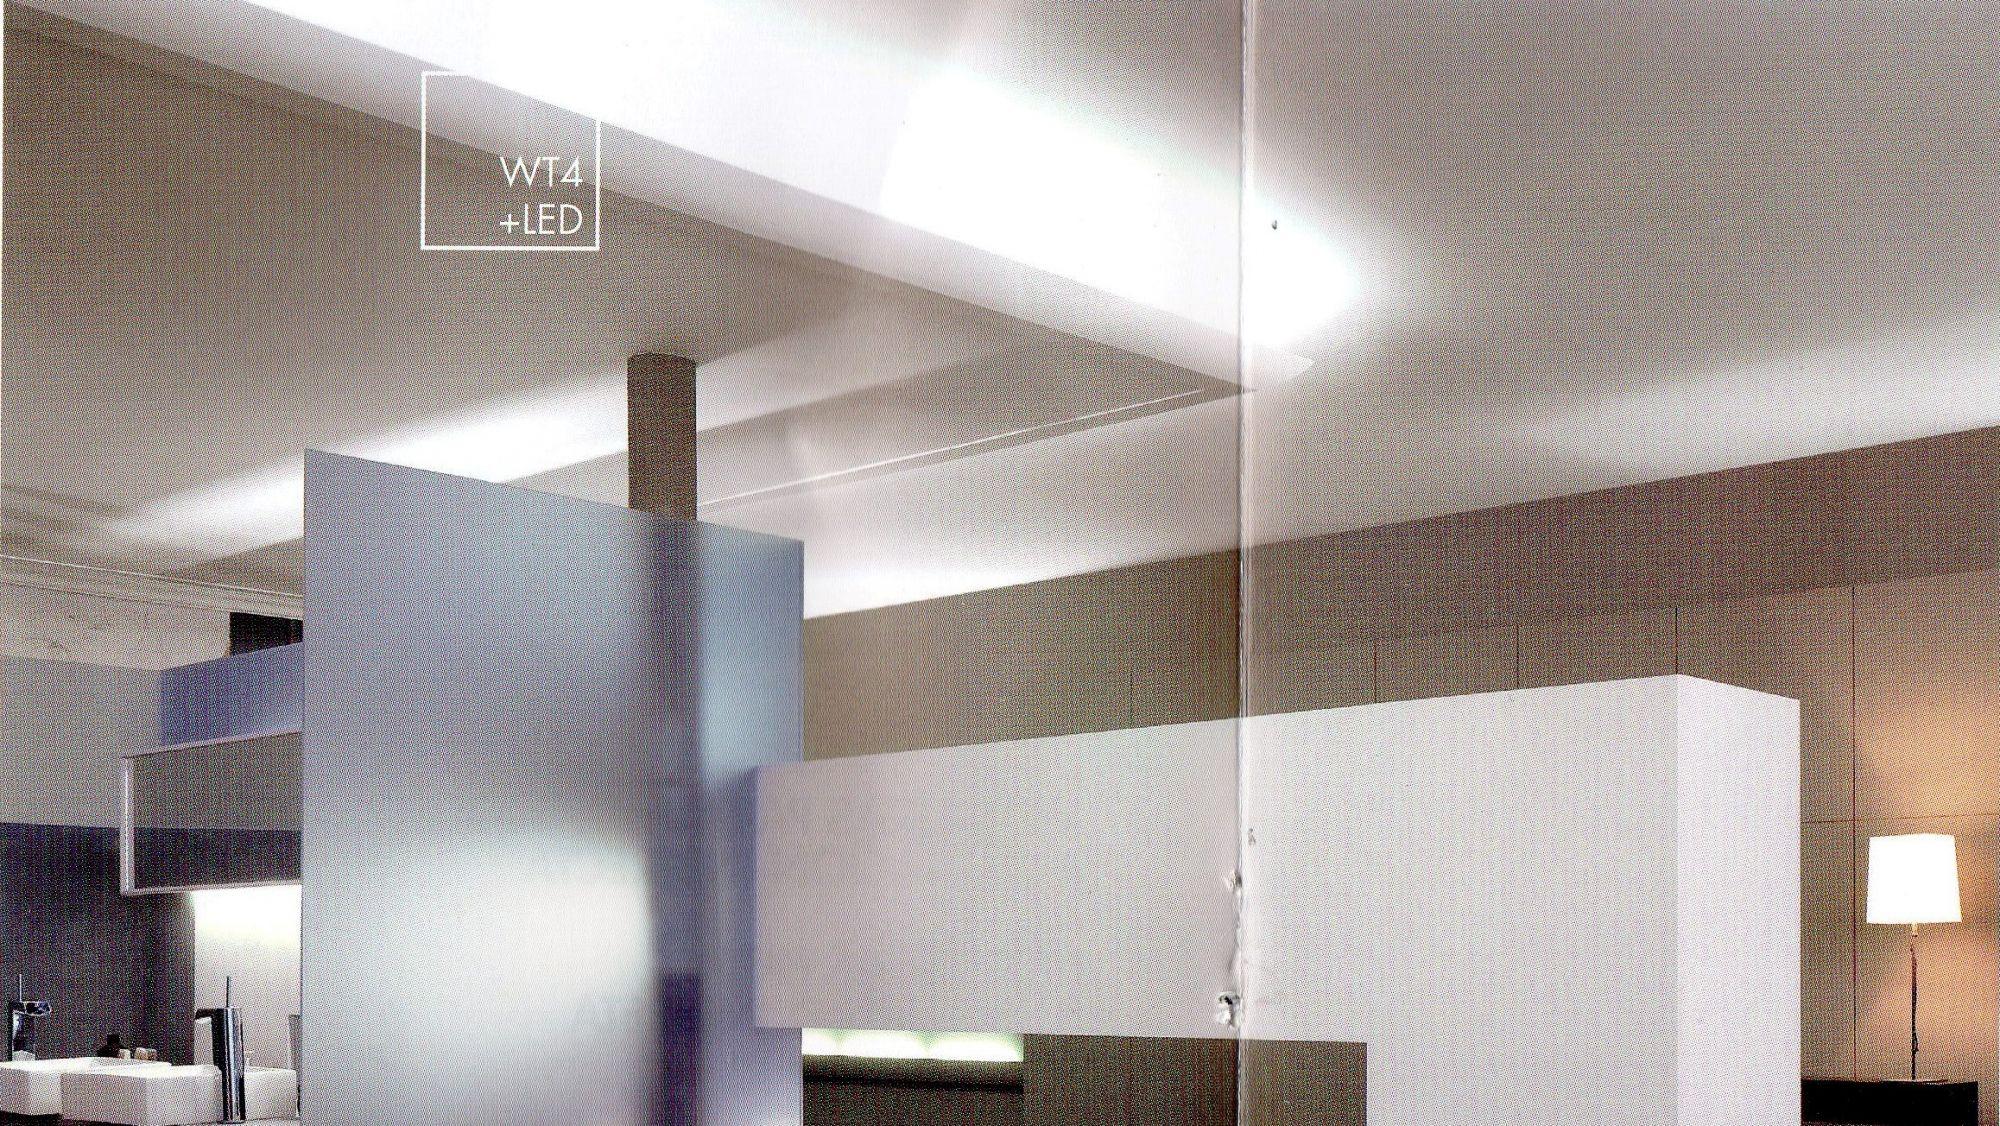 Modanature cornici led per illuminazione indiretta vendita rampado